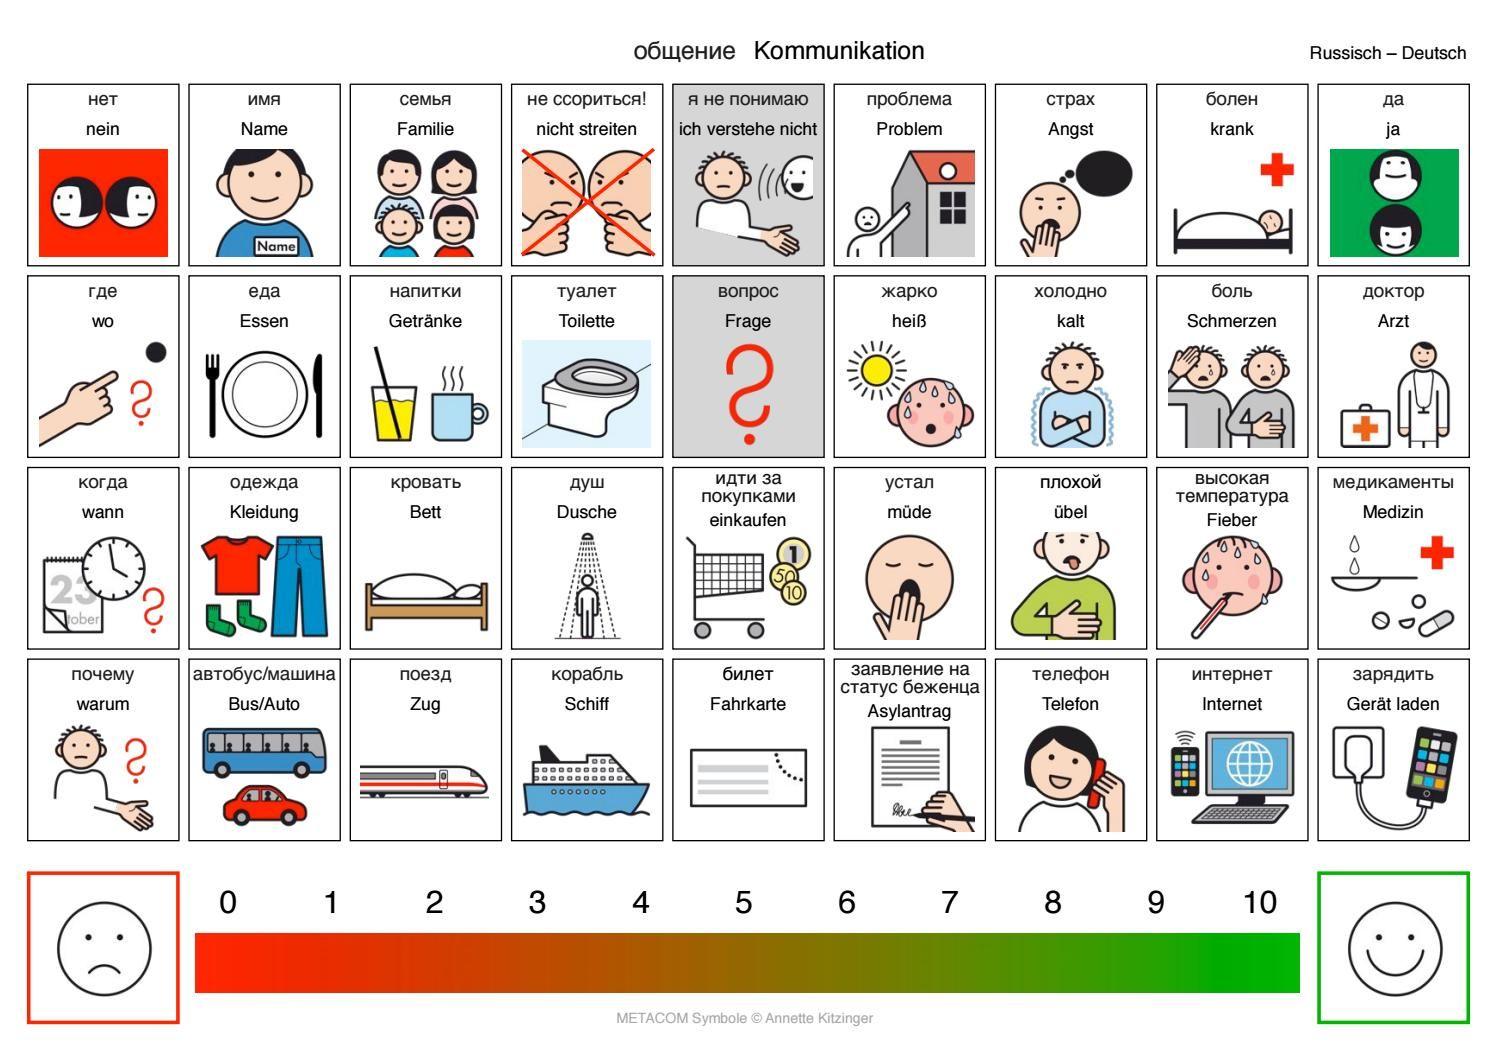 Russisch deutsch Language guide, Refugee, Communication